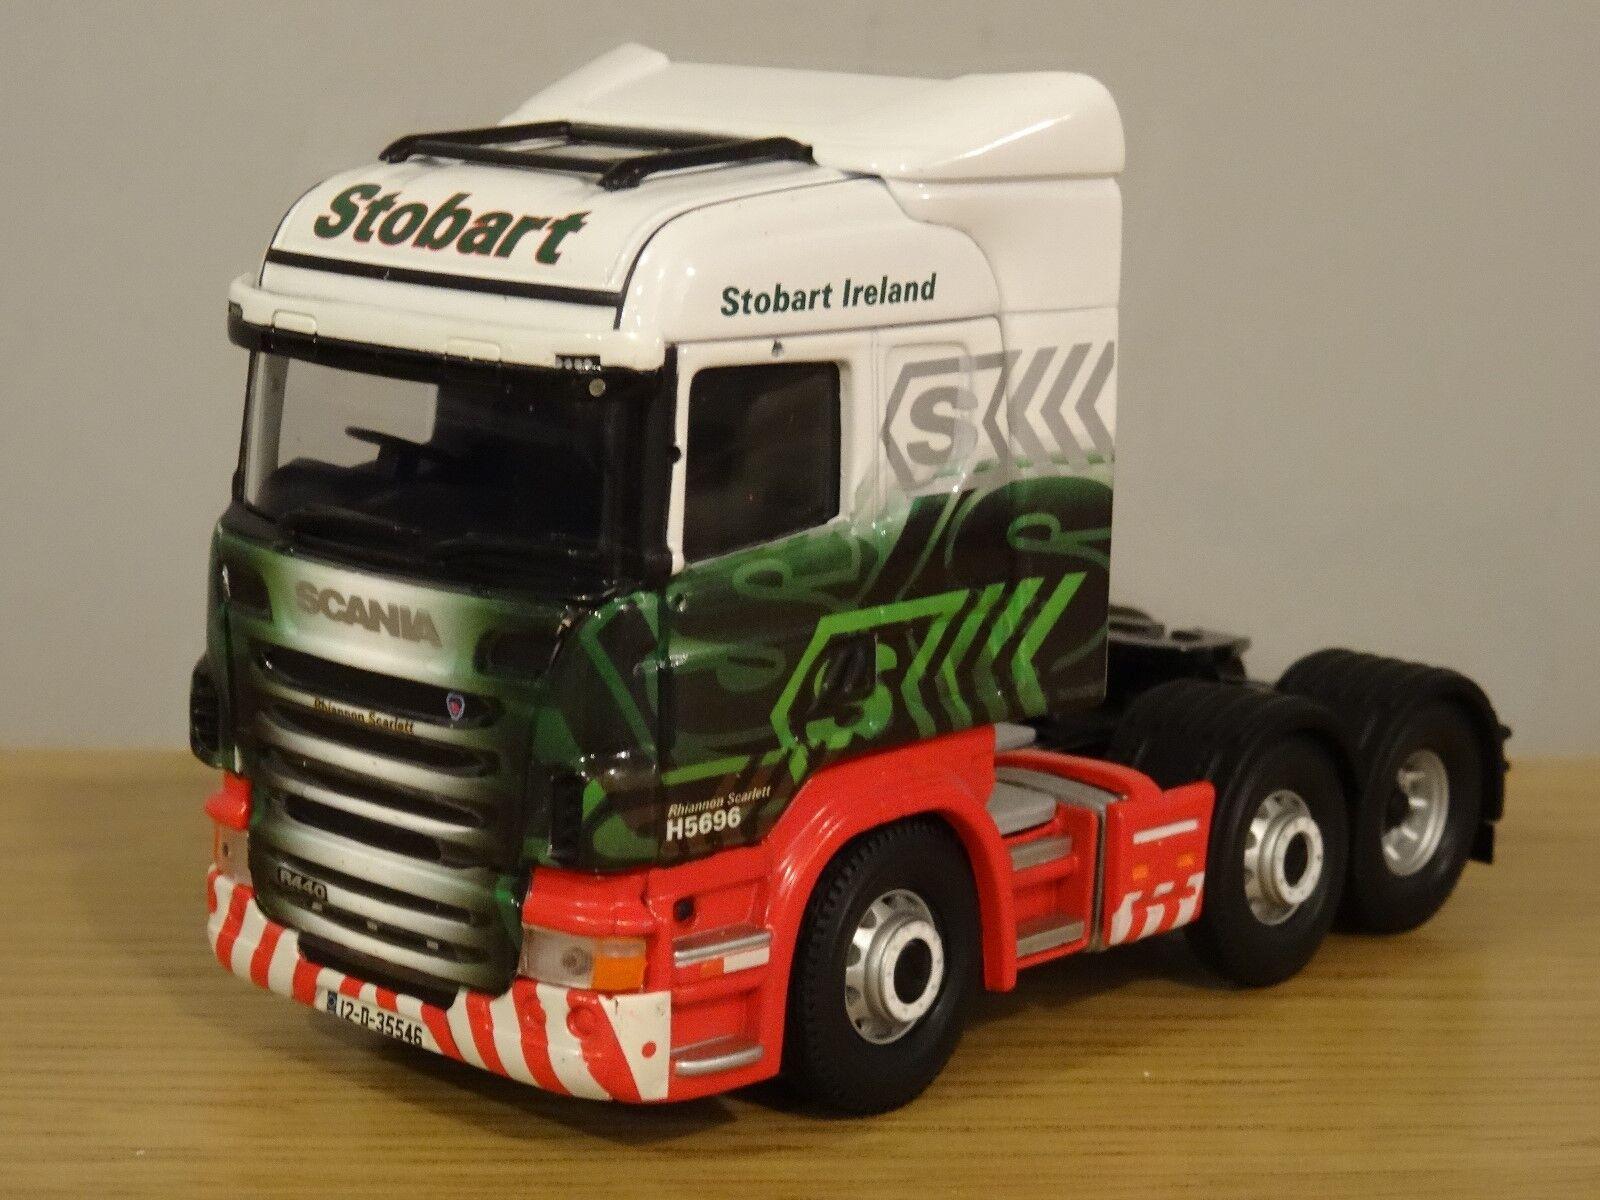 Corgi transportista renombre Eddie Stobart Irlanda Scania Scania Scania R taxi del carro modelo CC13749 1 50 a65b3f